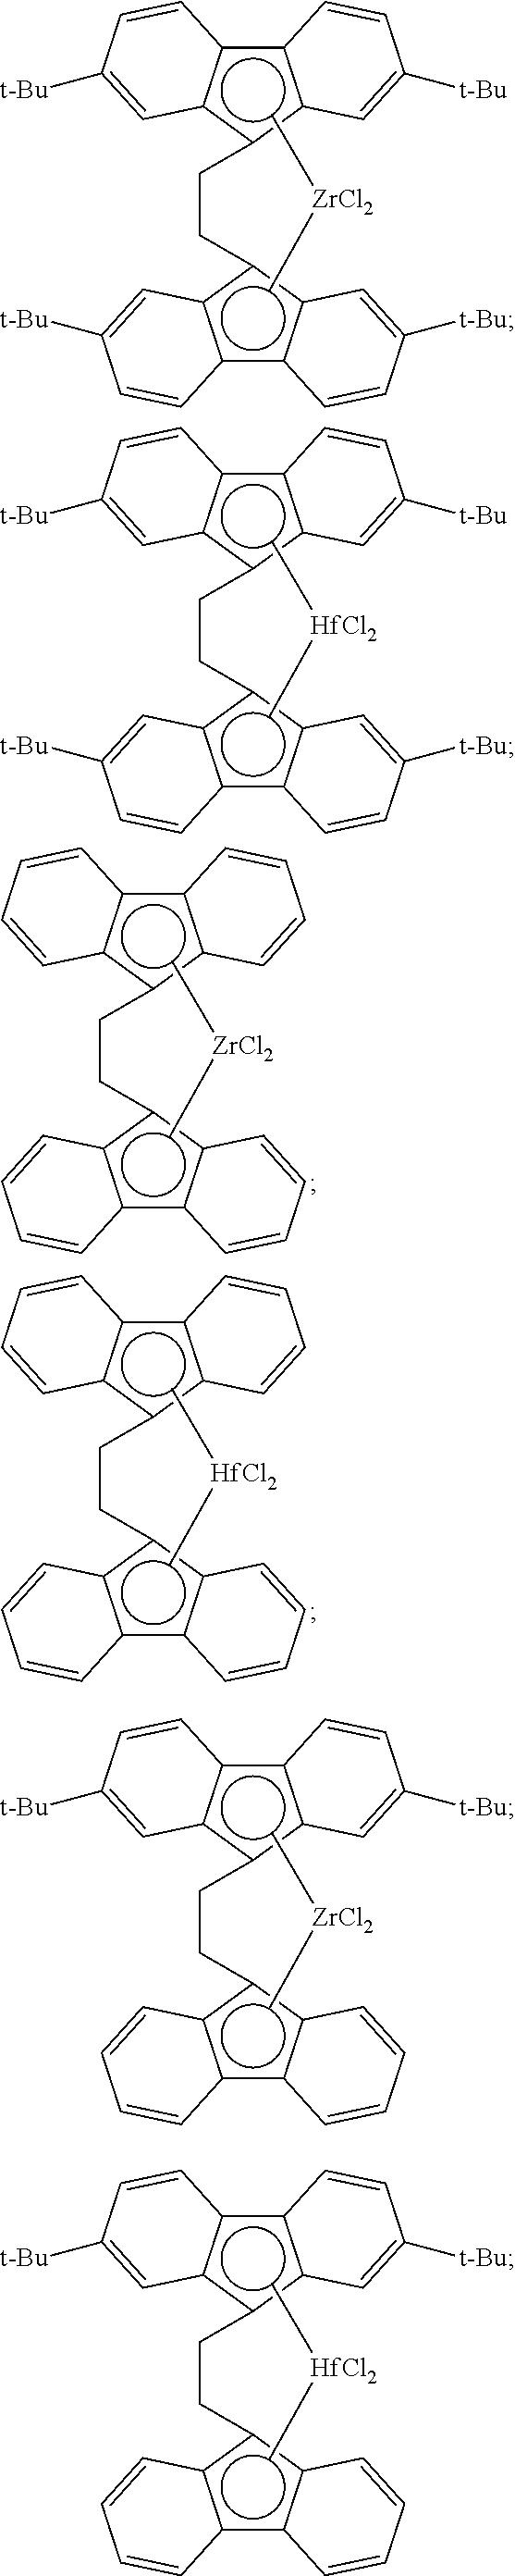 Figure US08288487-20121016-C00039